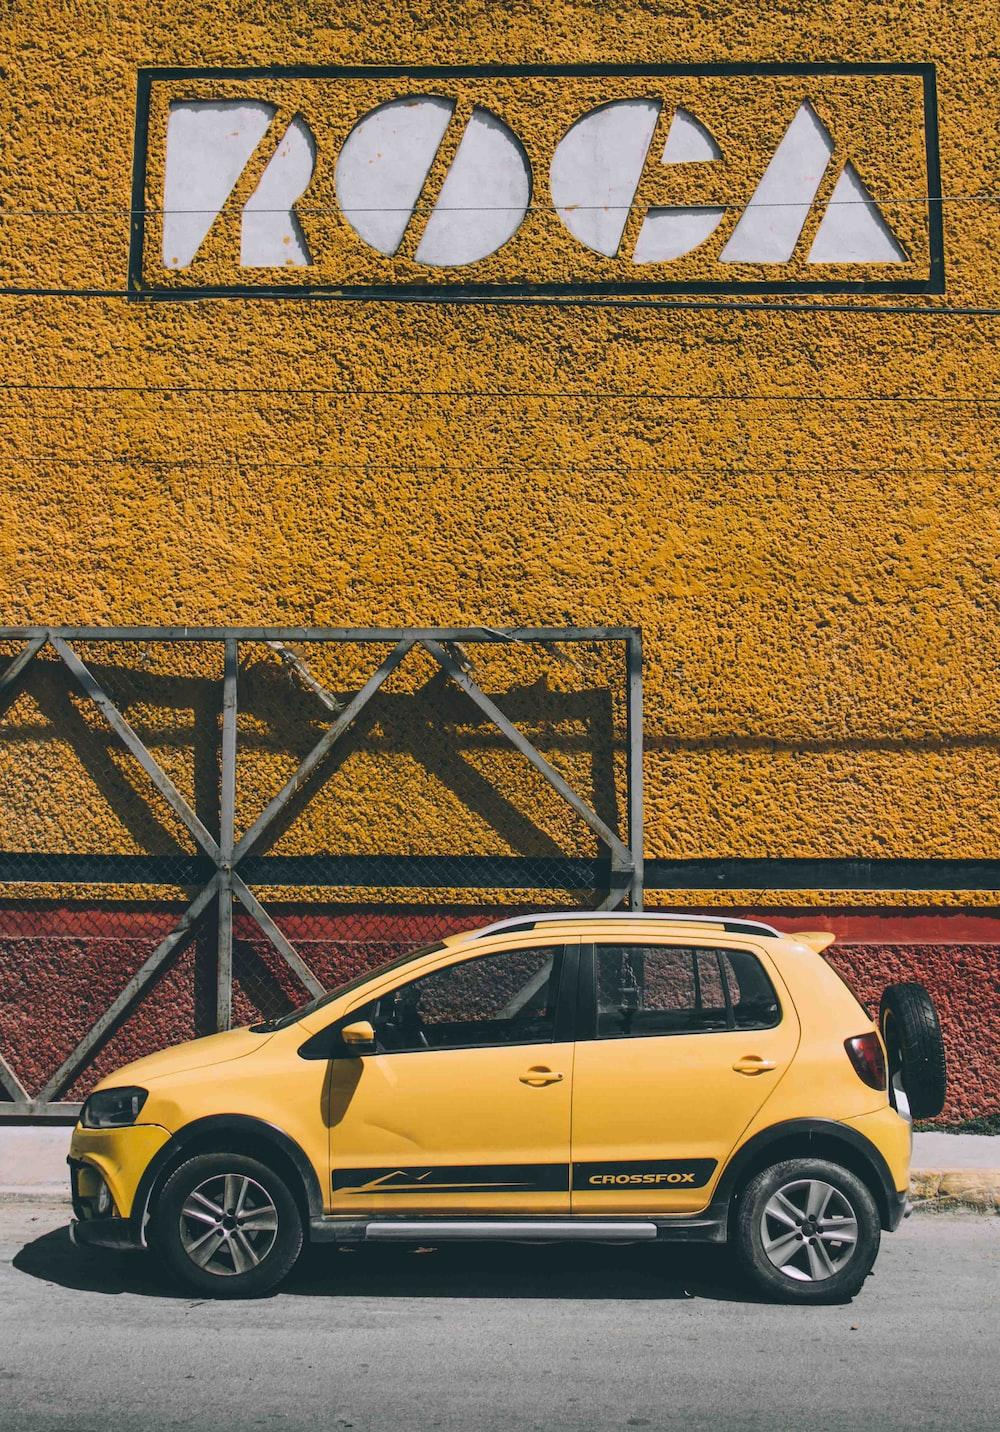 yellow 5-door hatchback parked beside brown metal frame